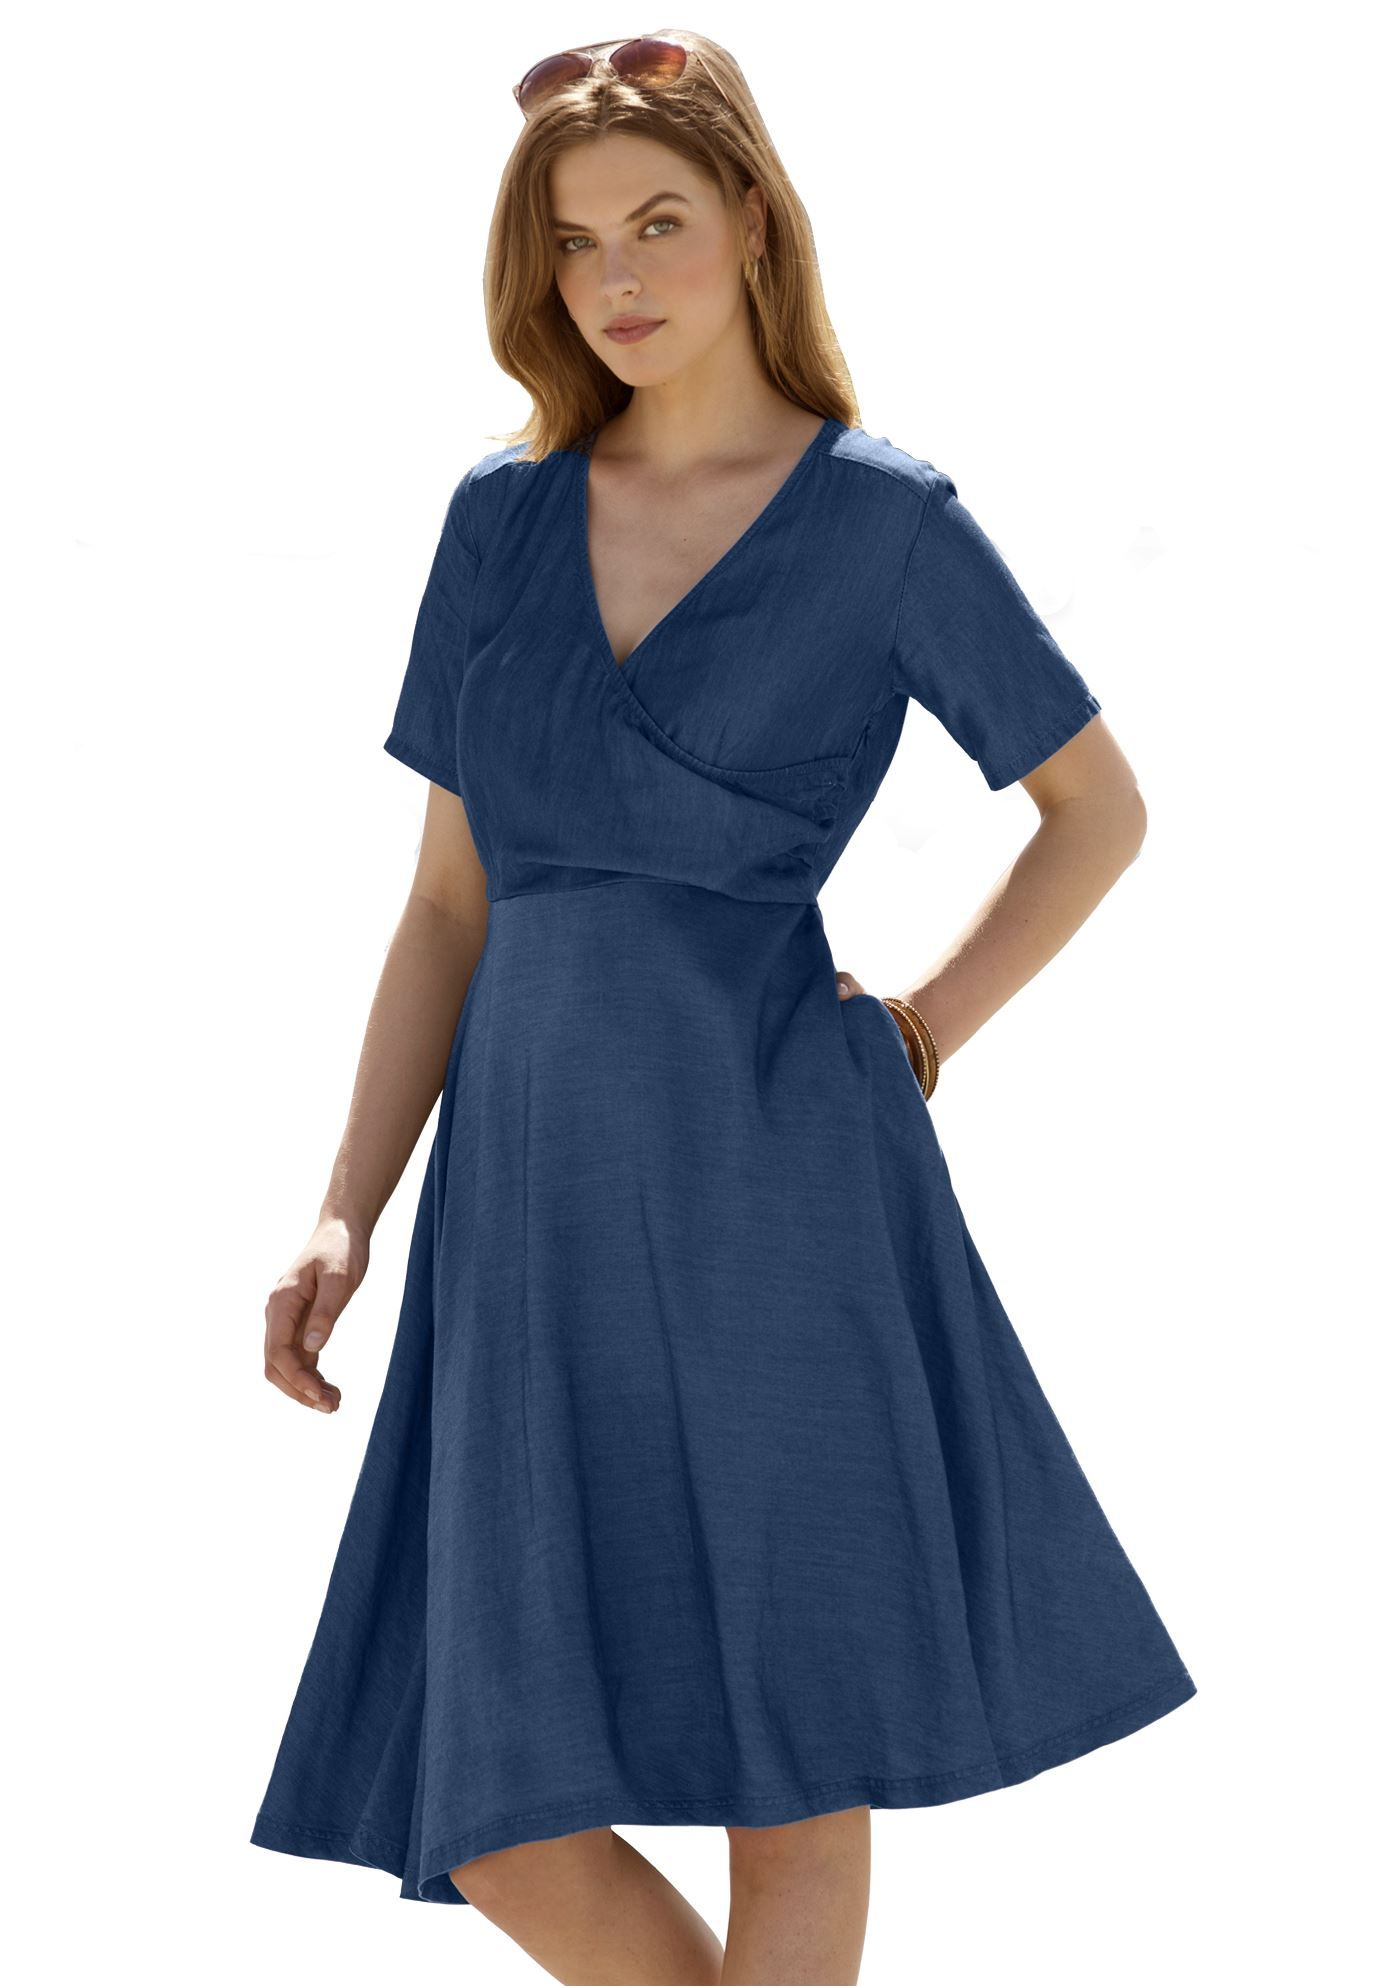 754aba9adf4 Faux Wrap Denim Dress - Gomes Weine AG